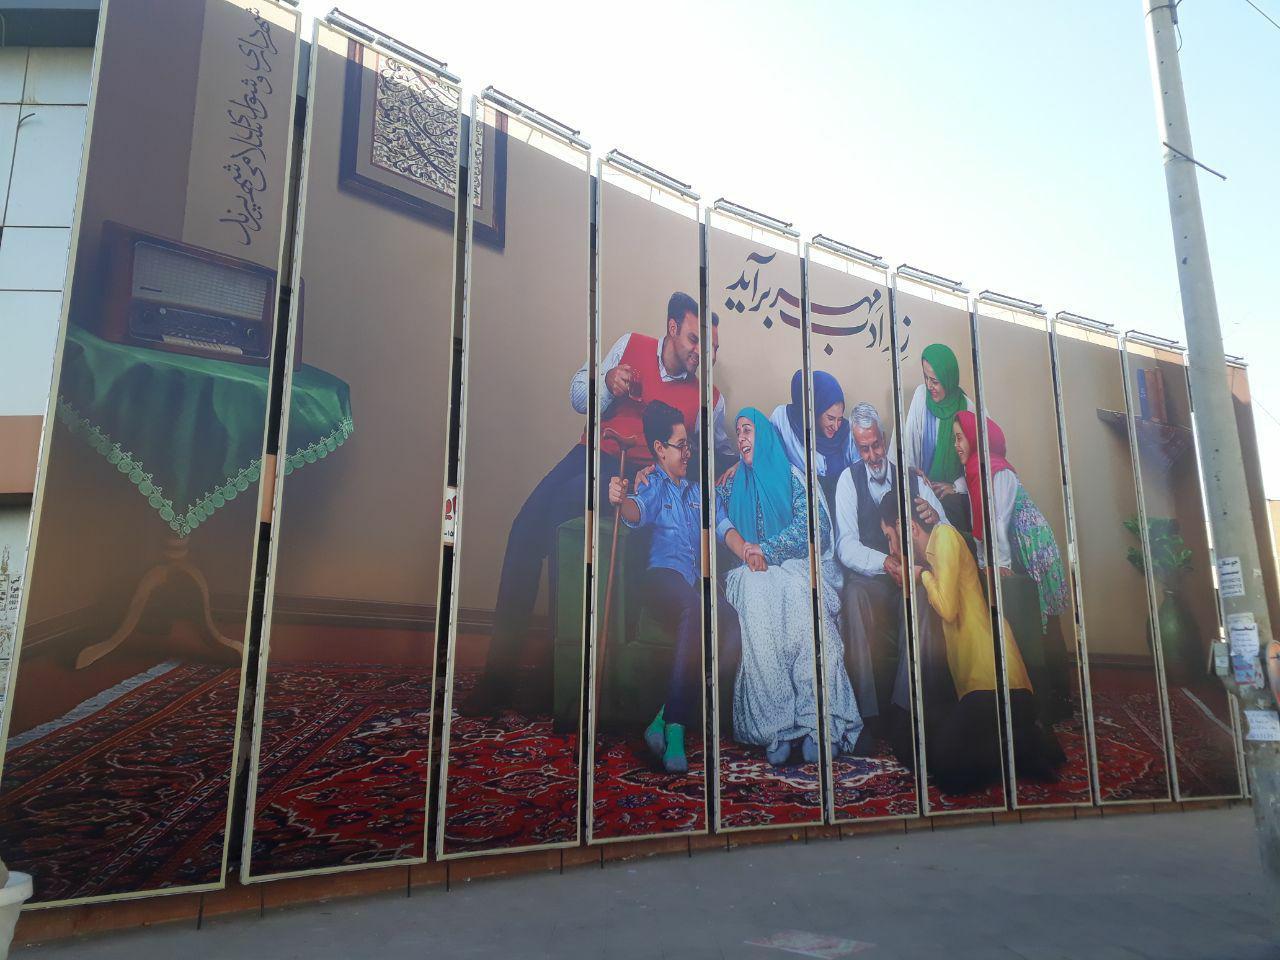 اجرای عملیات نصب دیوارنگارۀ جدید در میدان استقلال شهر پرند